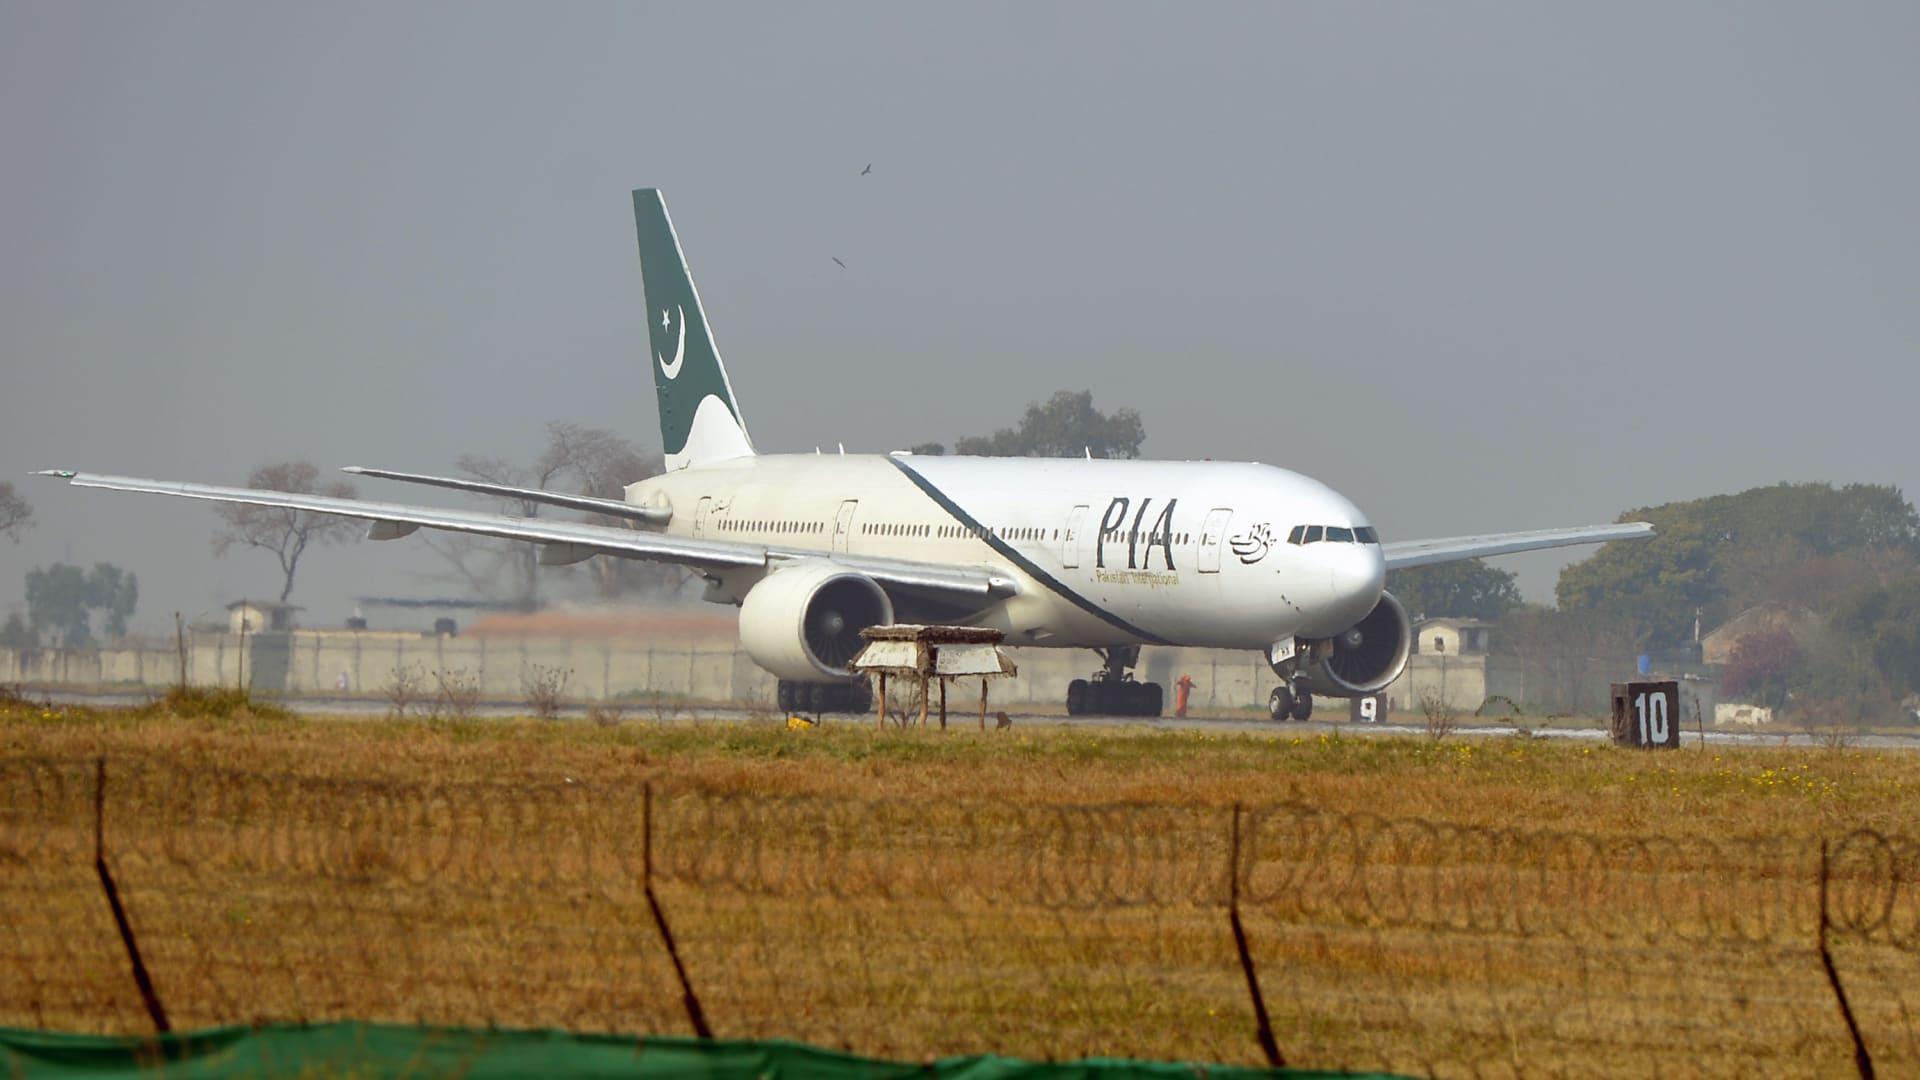 وزير الطيران الباكستاني: أكثر من 30٪ من الطيارين المدنيين في البلاد يحملون تراخيص مزورة